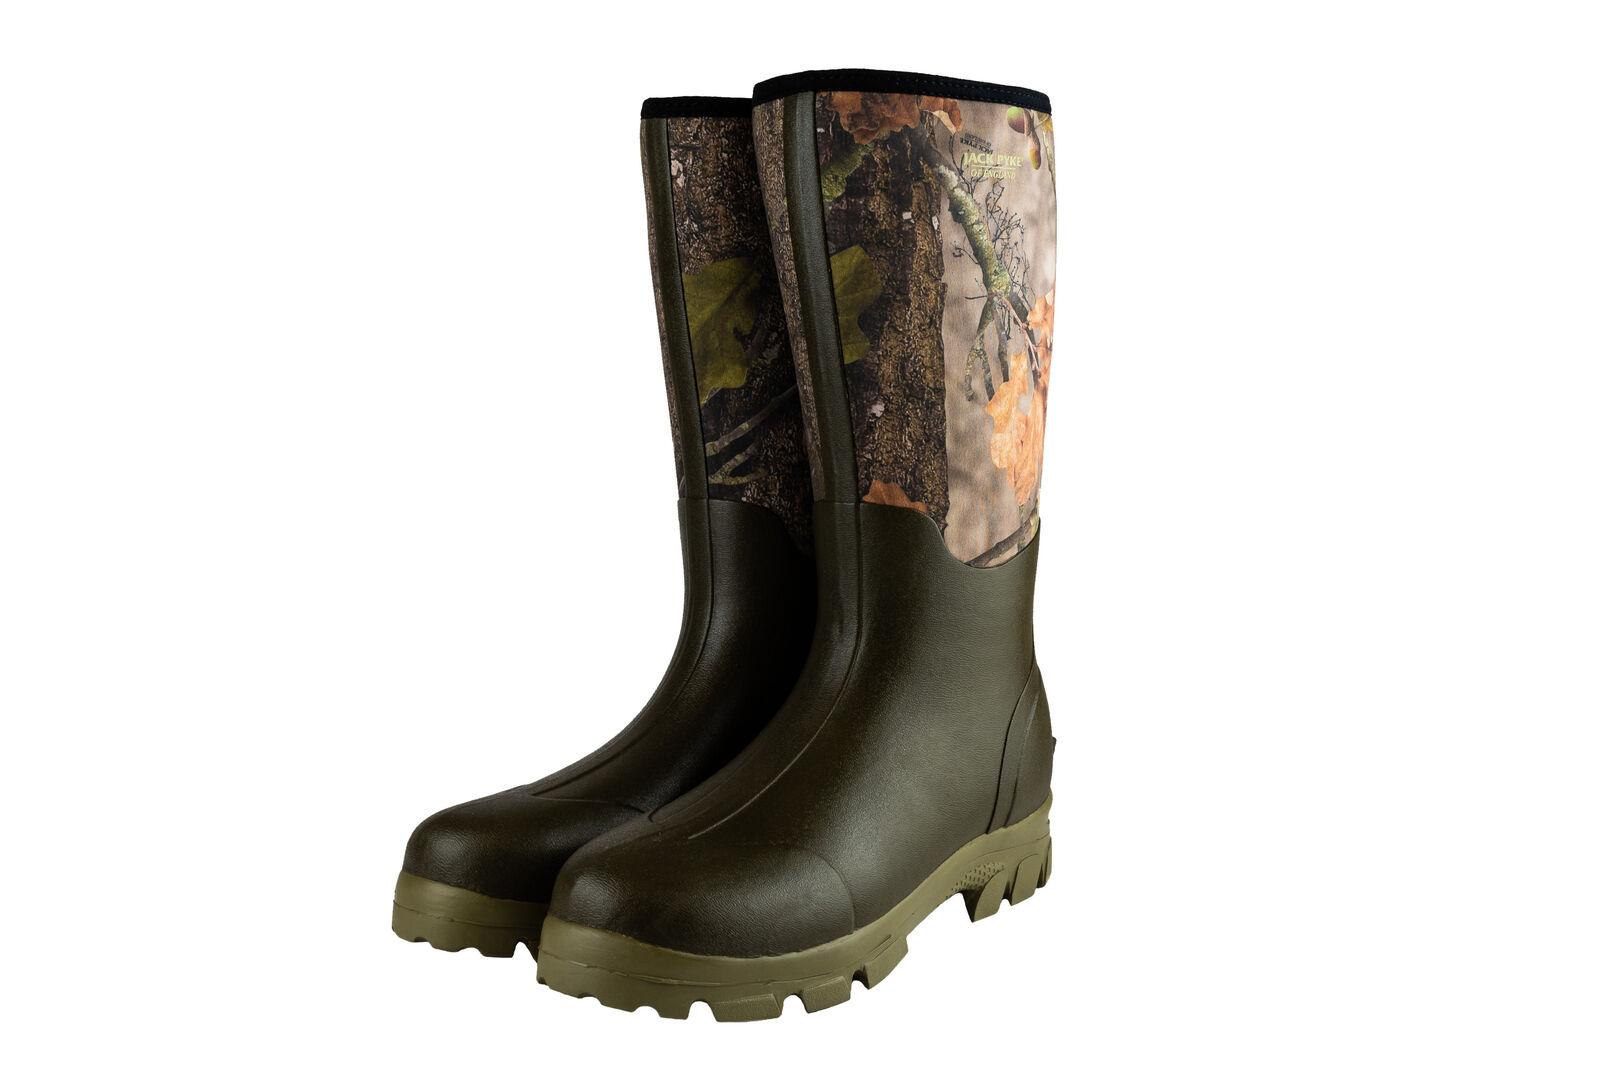 Jack Pyke Neoprene Wellington Boots